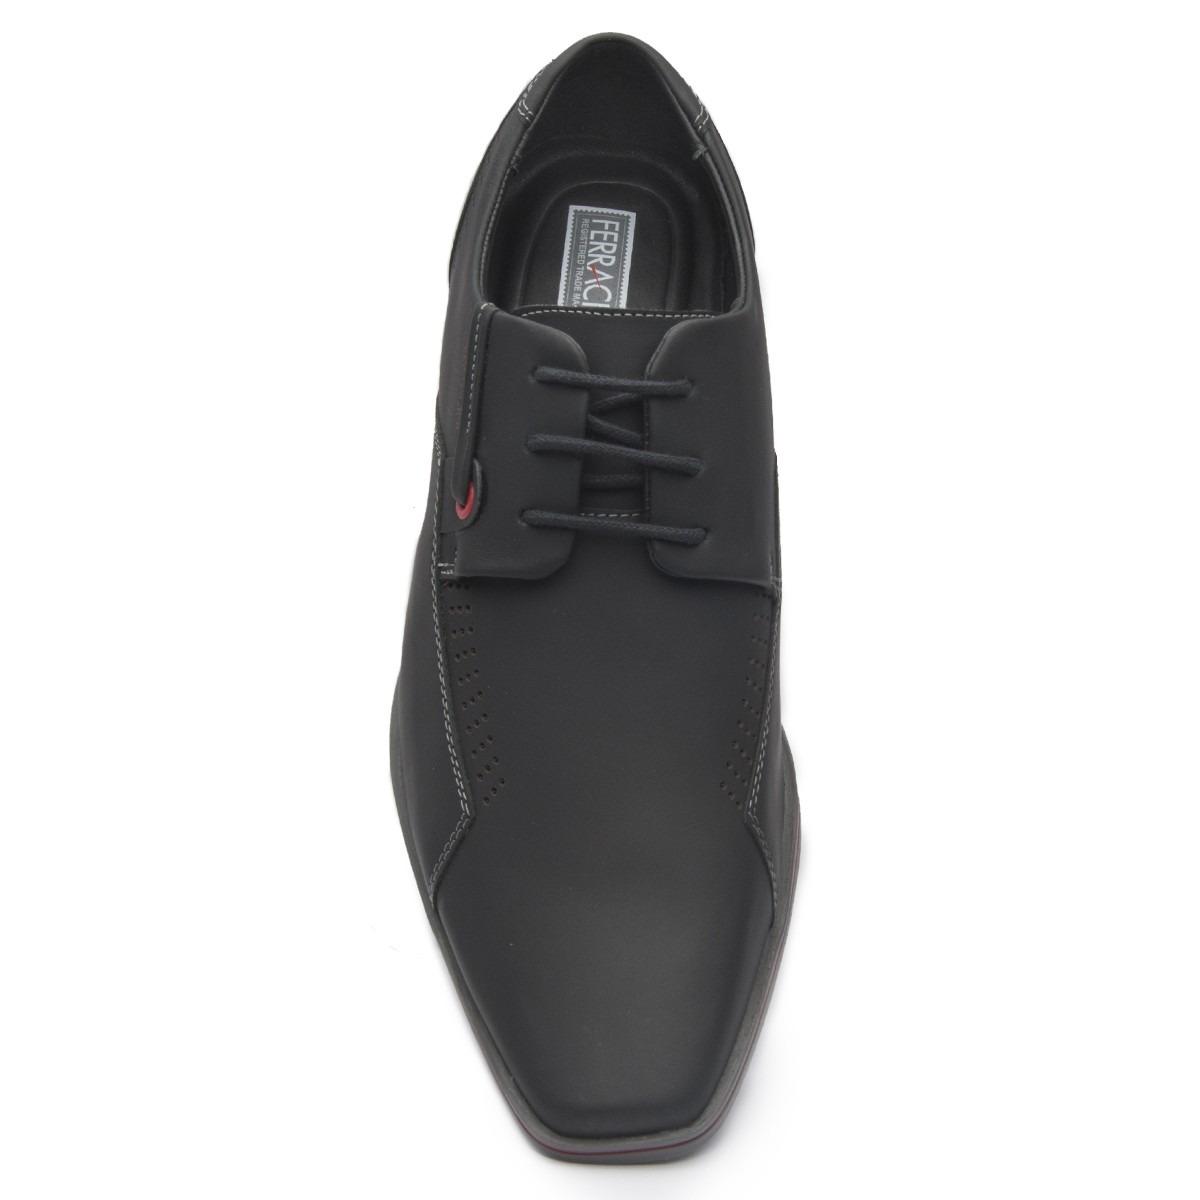 3c66150bca Carregando zoom... sapato ferracini preto cadarço esporte masculino